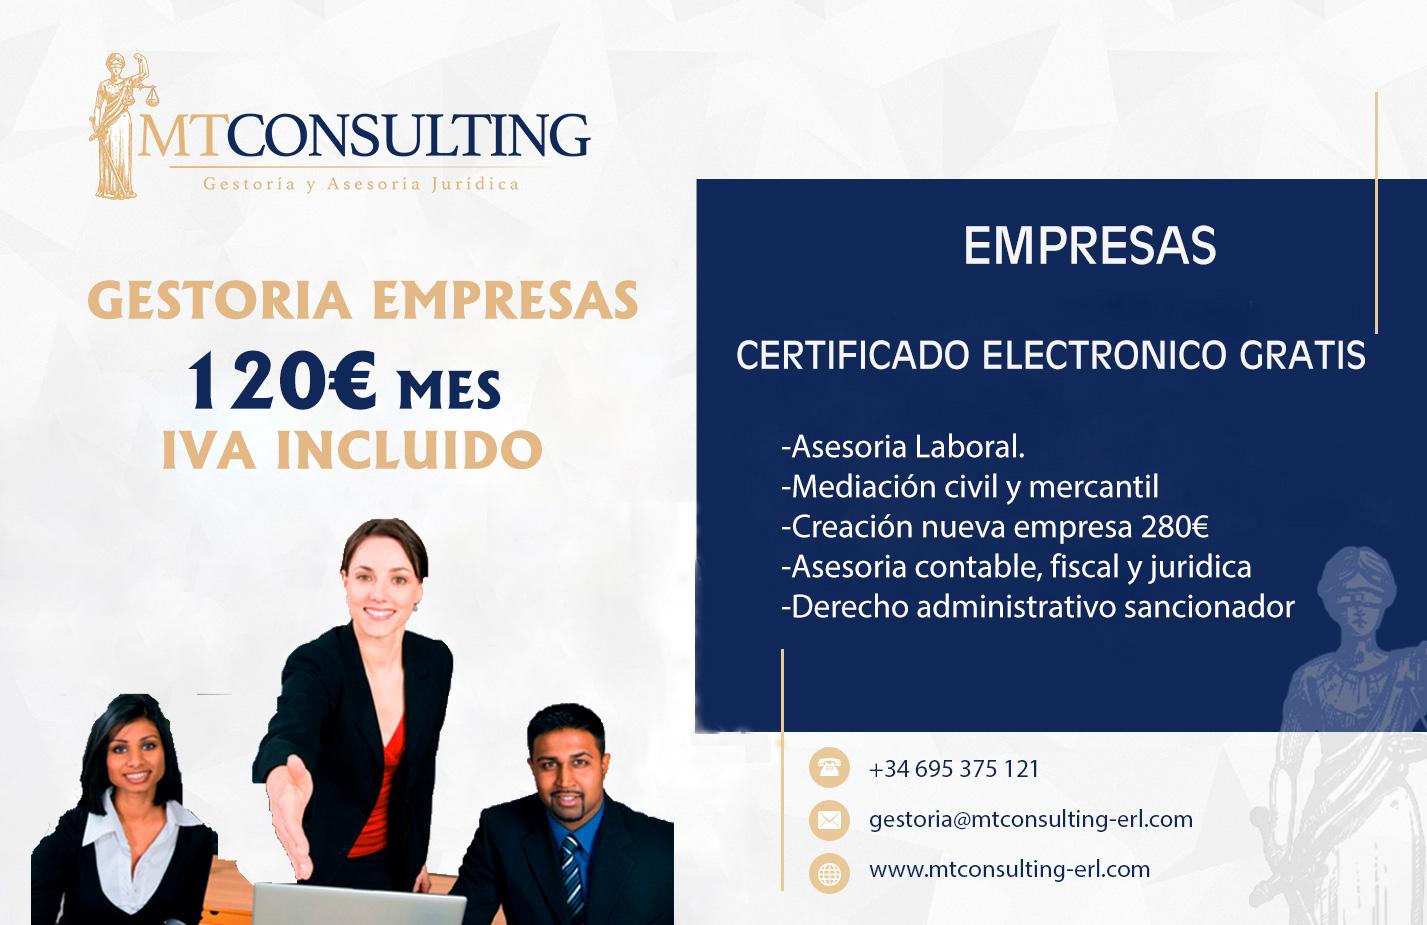 Mtconsulting-gestoria-para-empresas